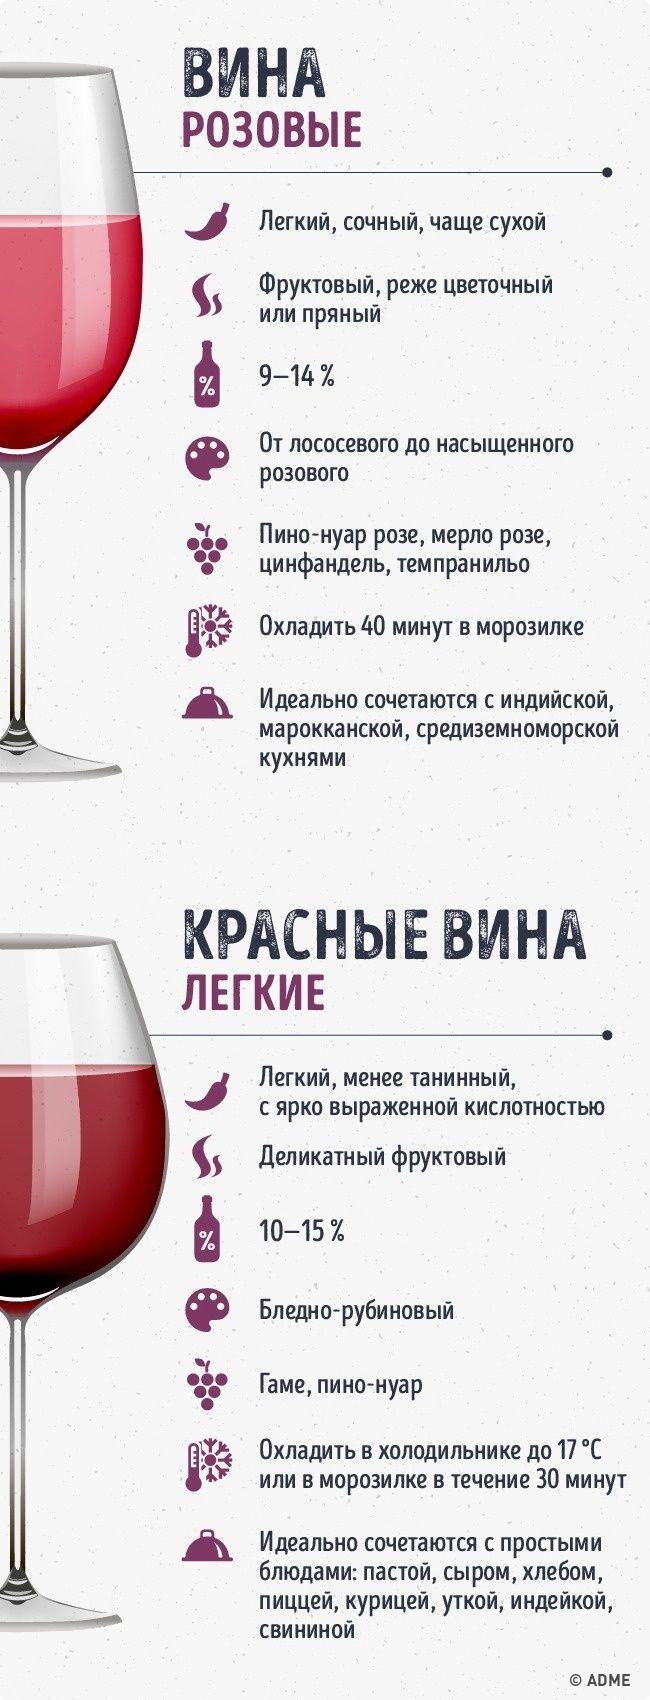 Мобильный LiveInternet Гид по винам сделает из вас настоящего сомелье | О_Самом_Интересном - Все самое интересное |